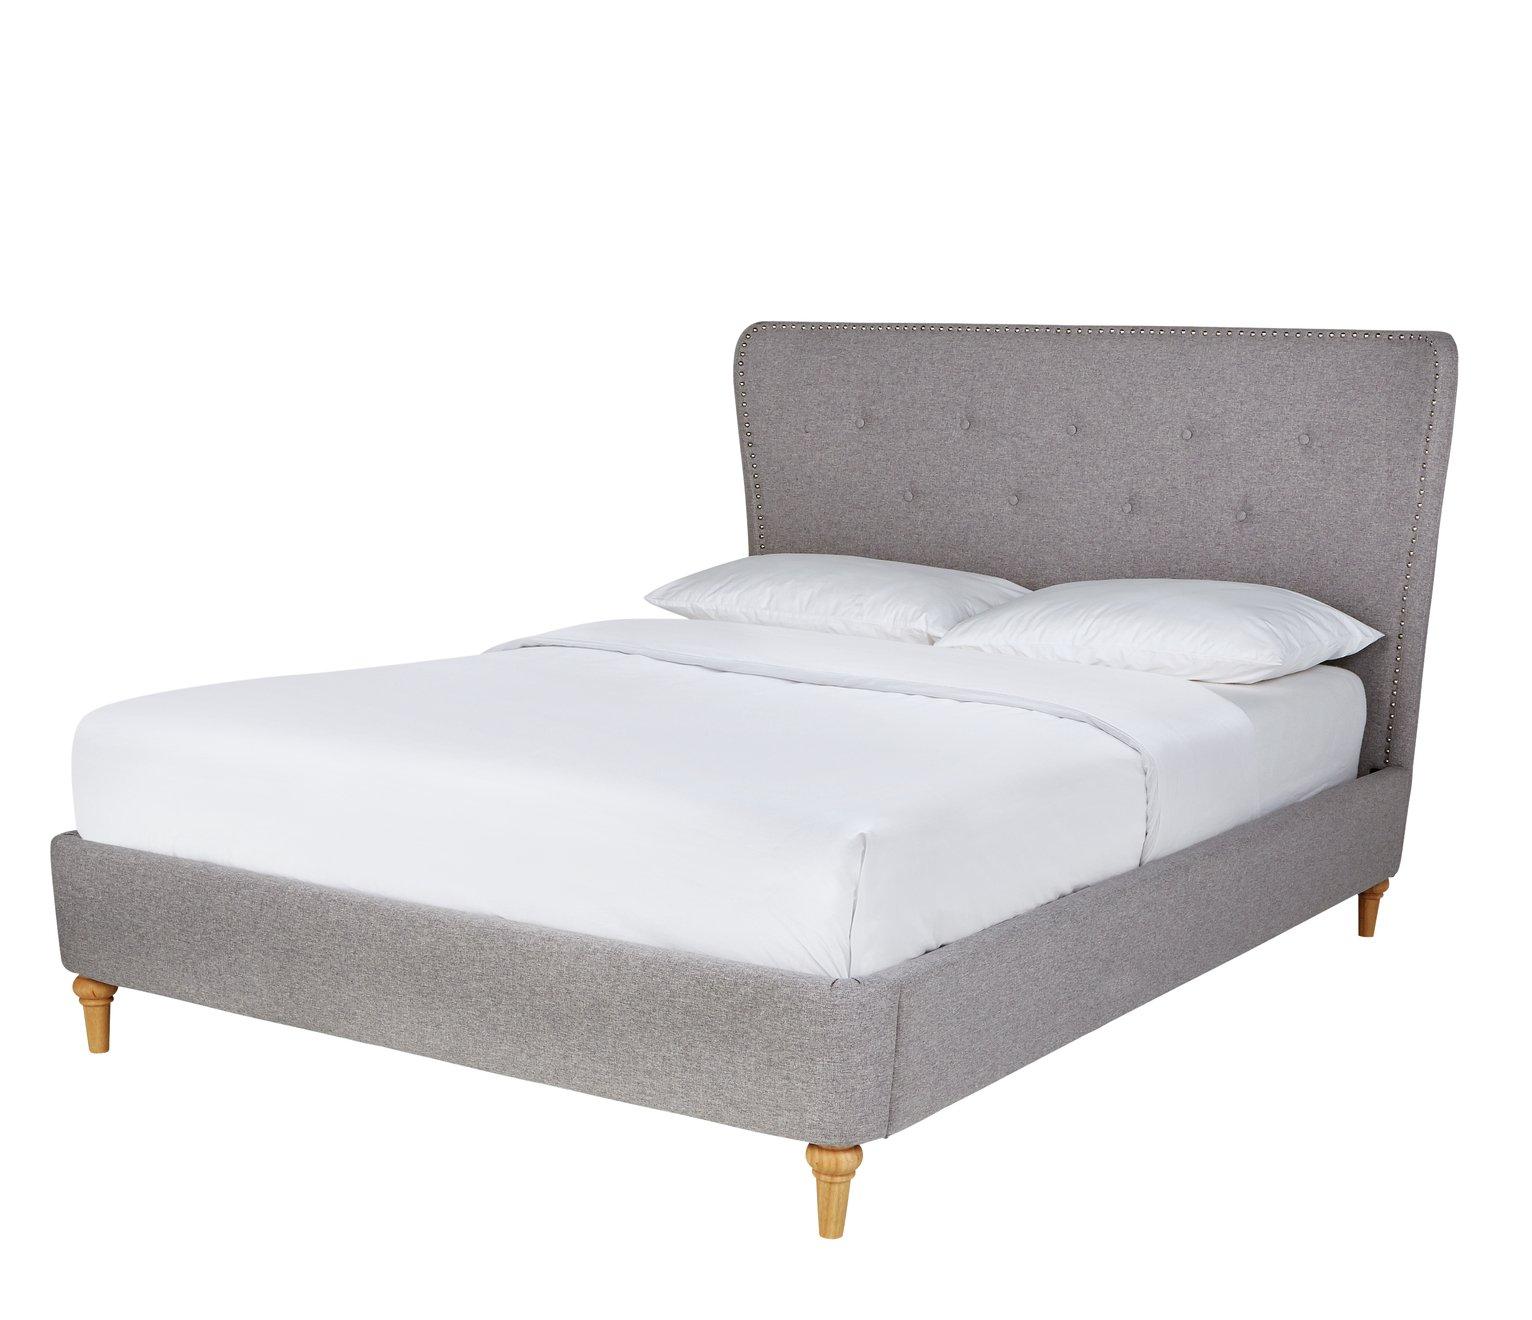 Argos Home Elizabeth Kingsize Bed Frame - Grey